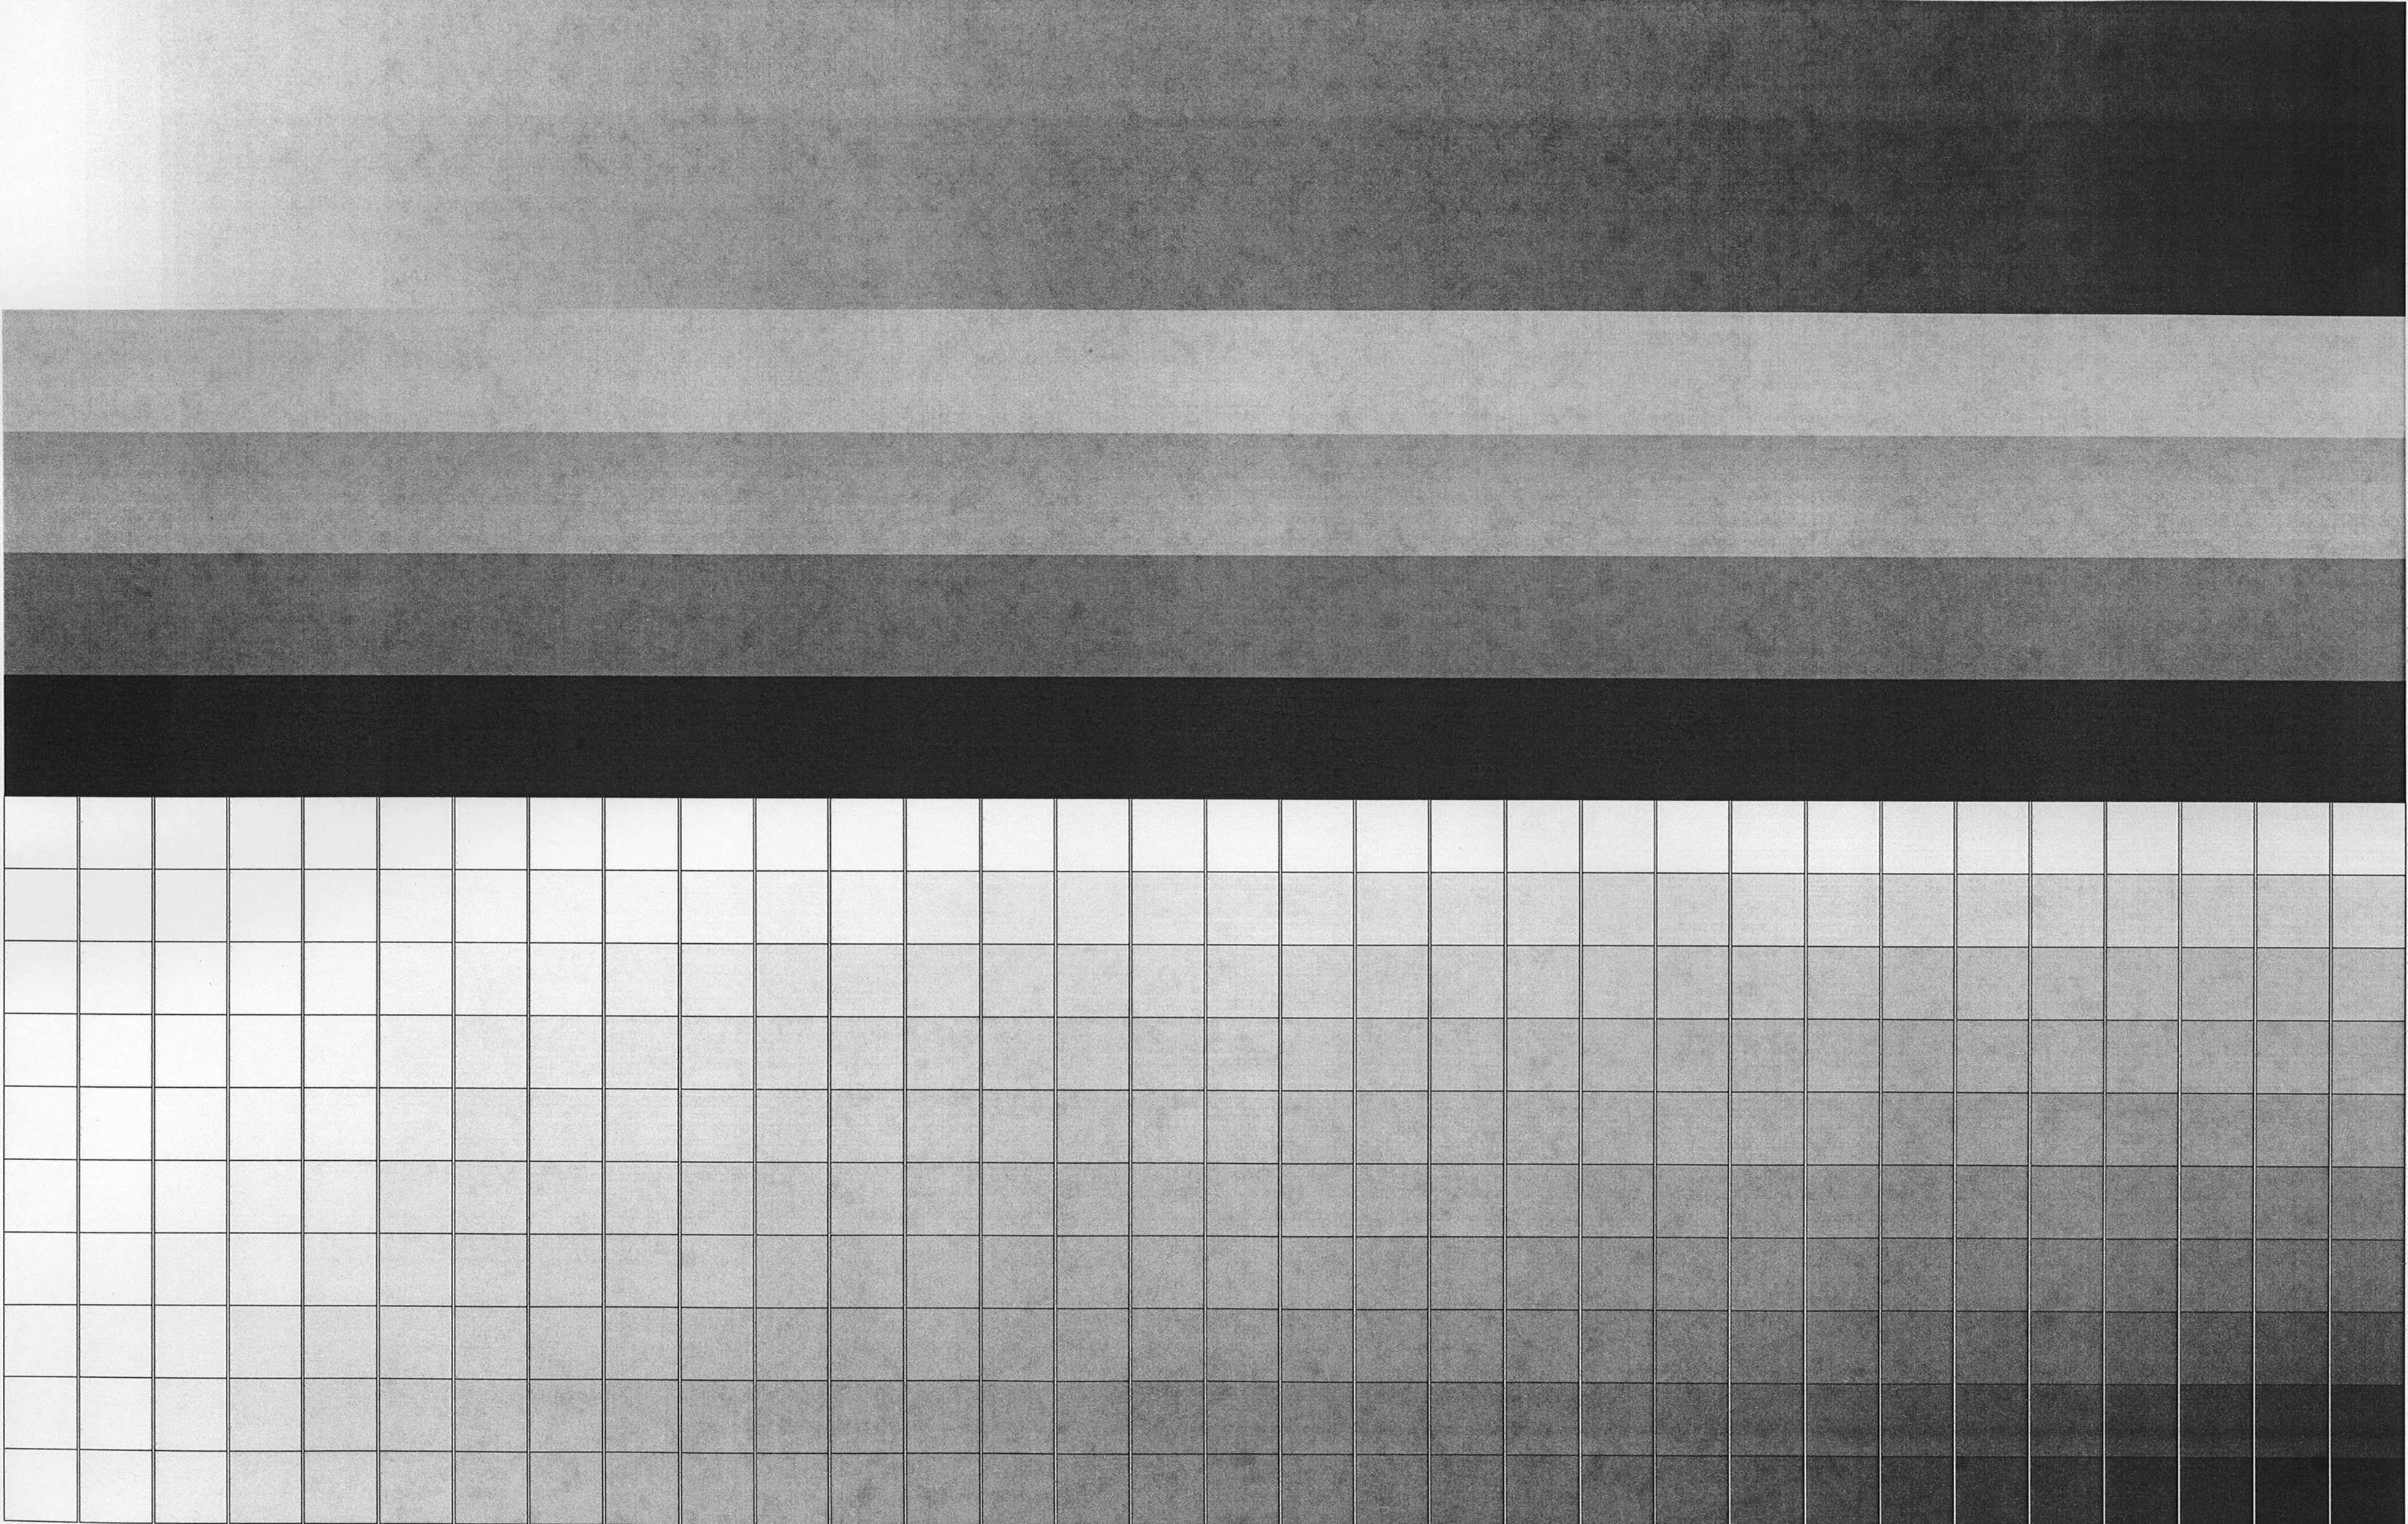 printer test page black - Color Test Page Laser Printer